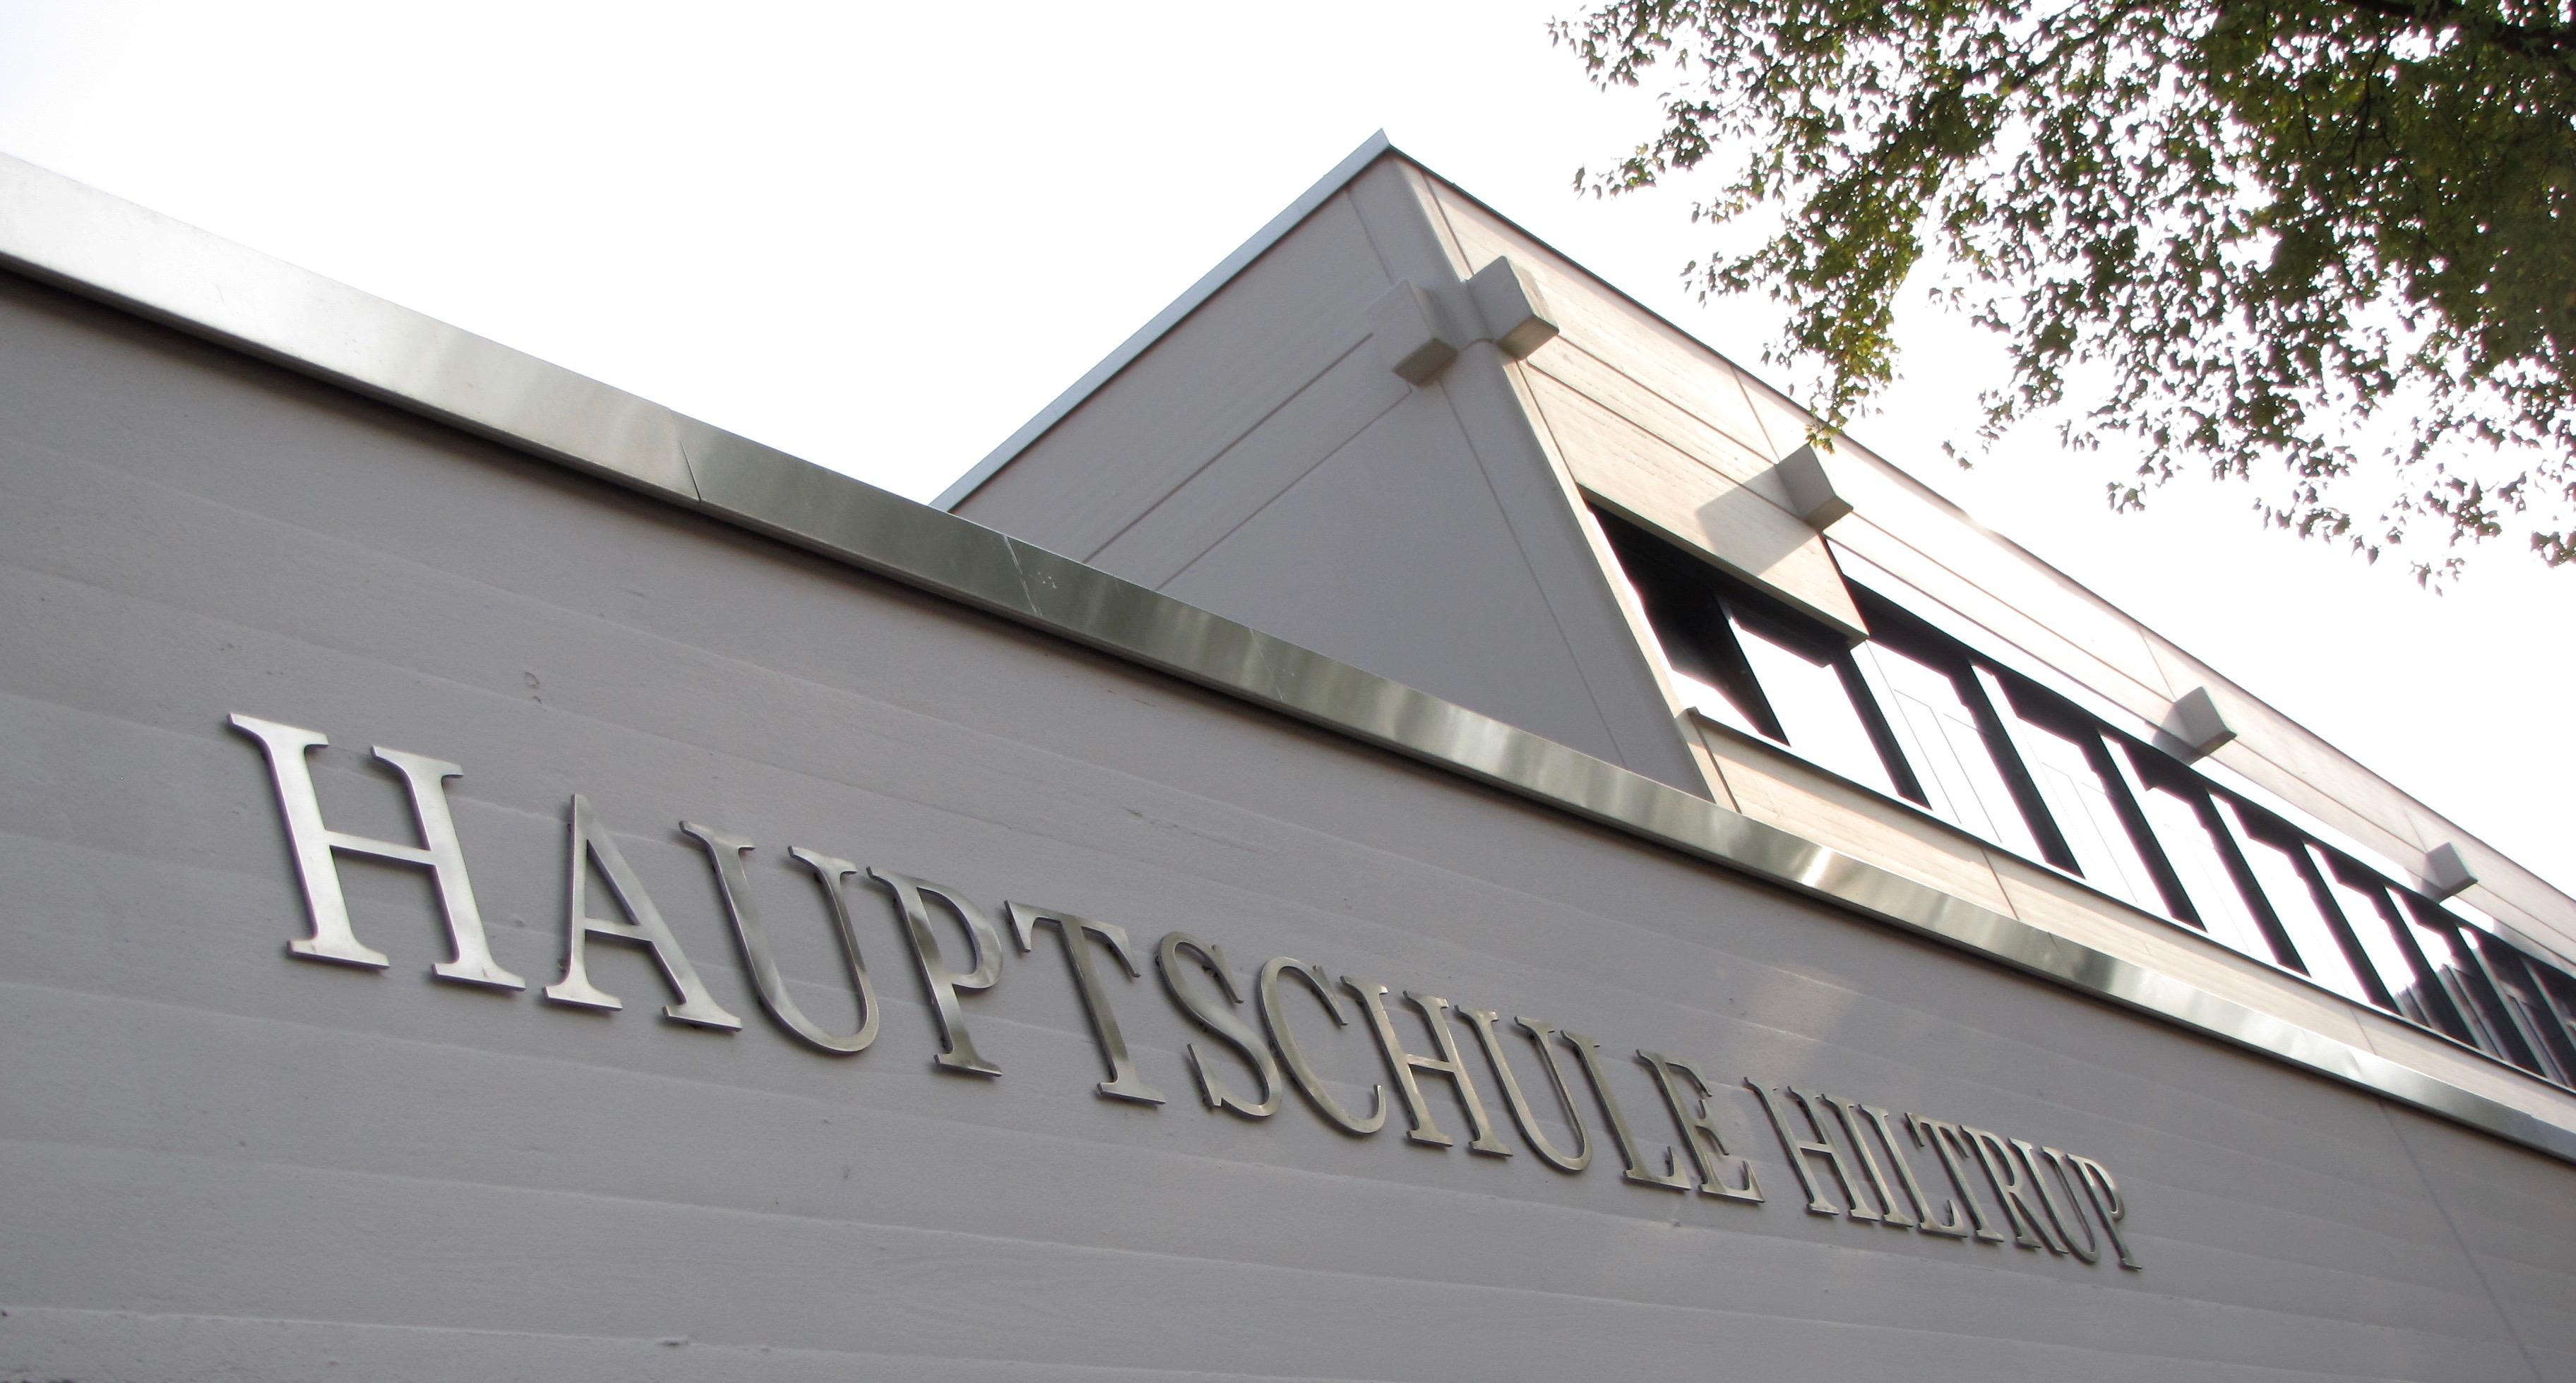 halbjahreszeugnisse nrw 2018 grundschule